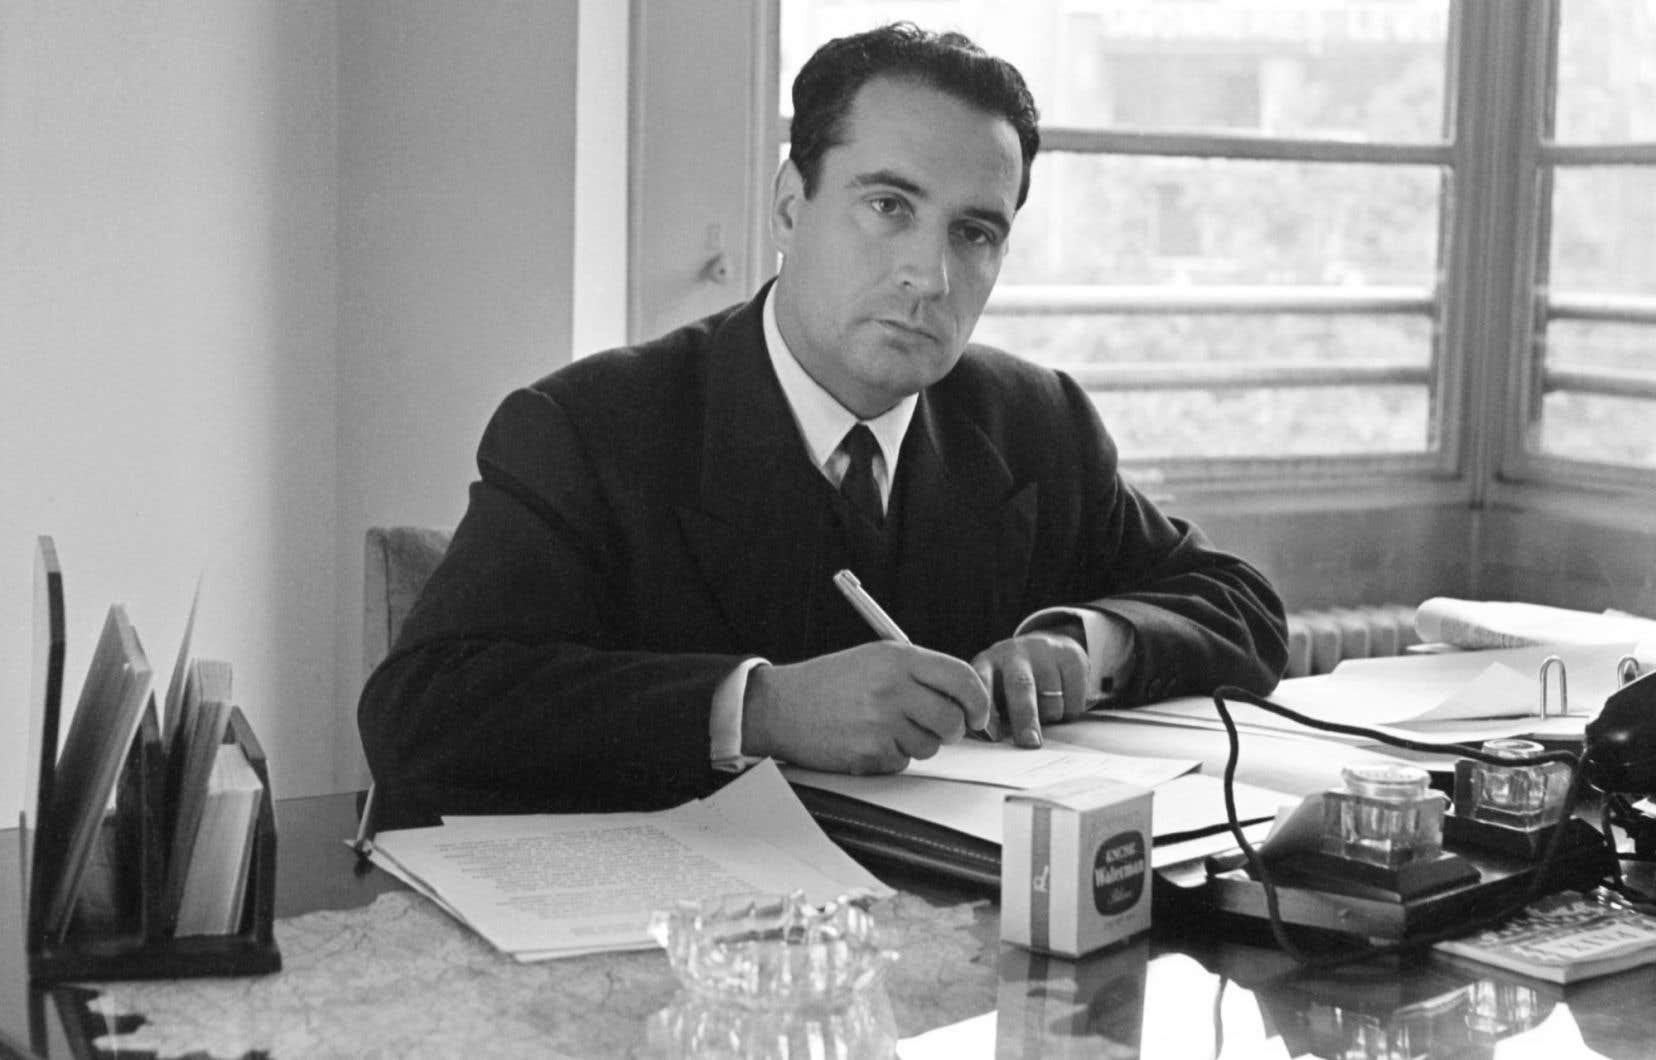 François Mitterrand était marié à Danielle, qui ne devait jamais être loin de lui lorsqu'il écrivait tous ces mots à Anne.